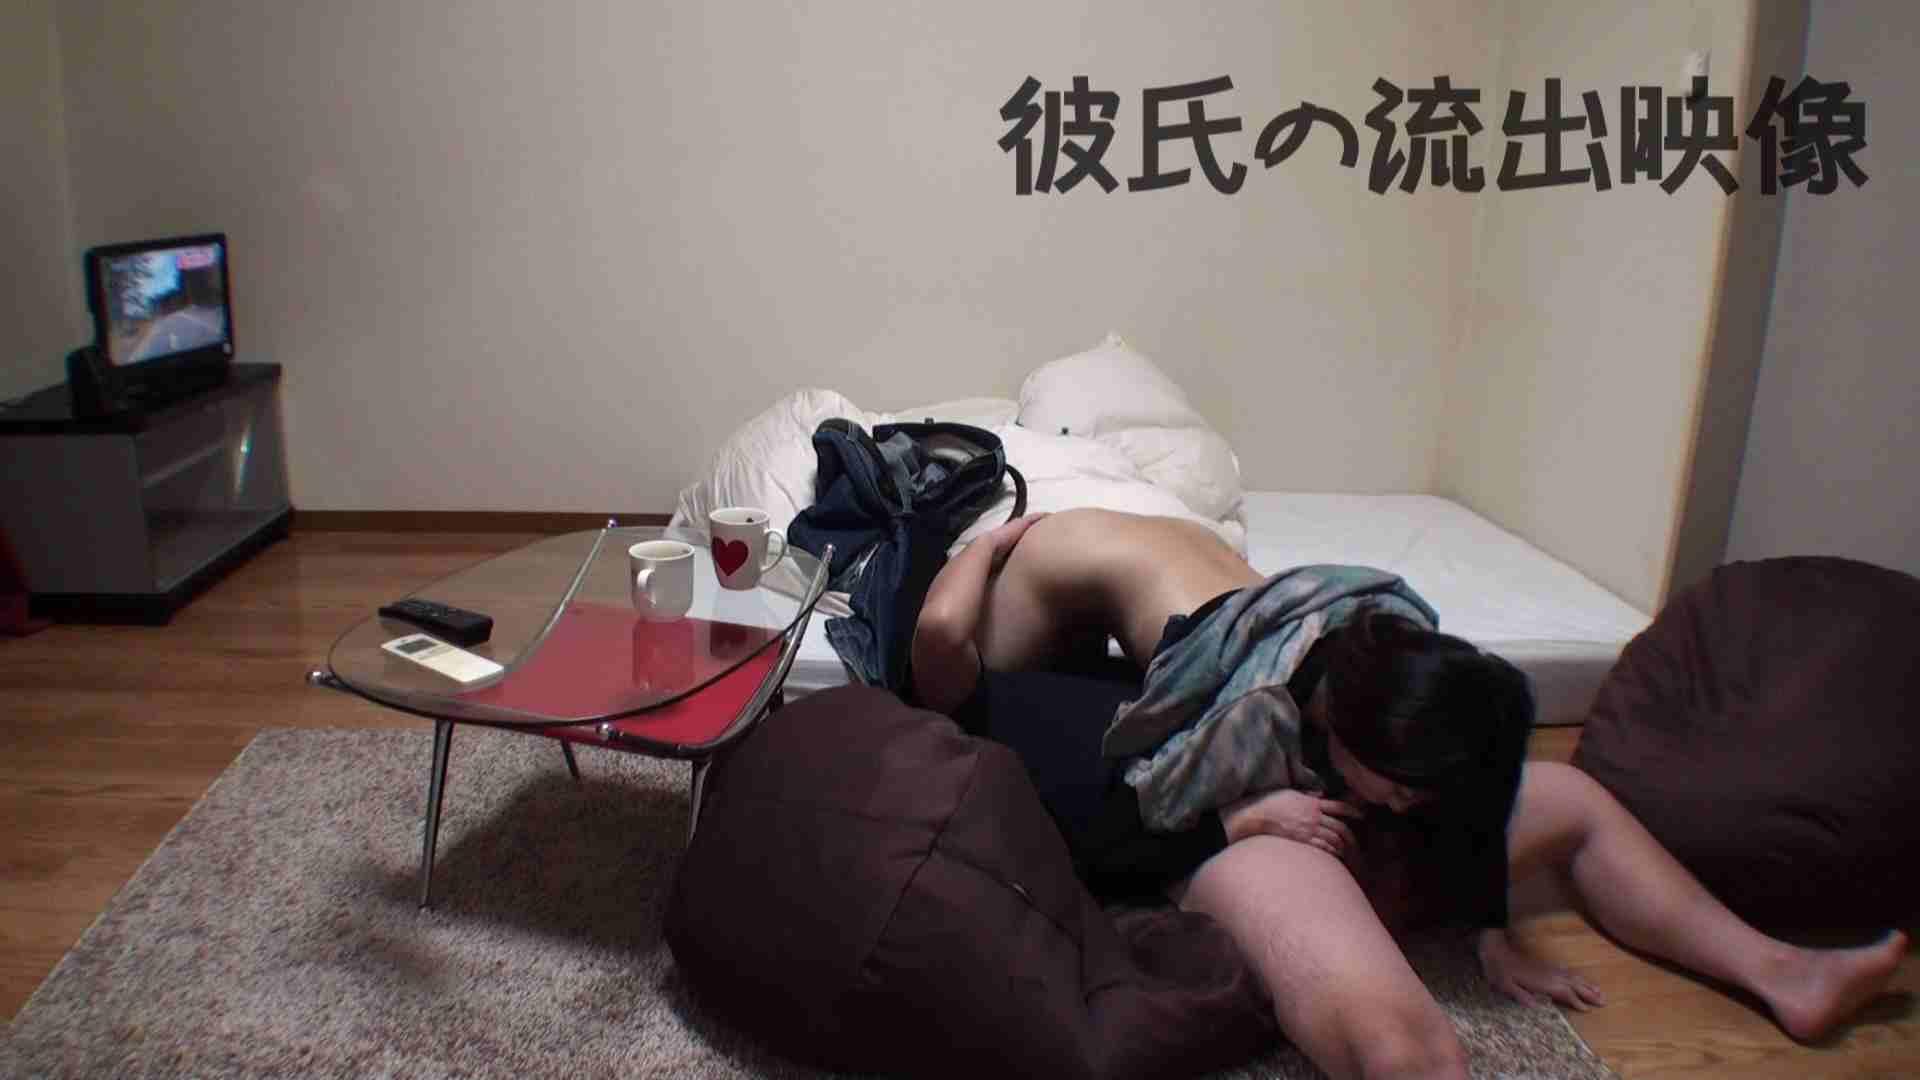 彼氏が流出 パイパン素人嬢のハメ撮り映像02 カップルのセックス  73PIX 48